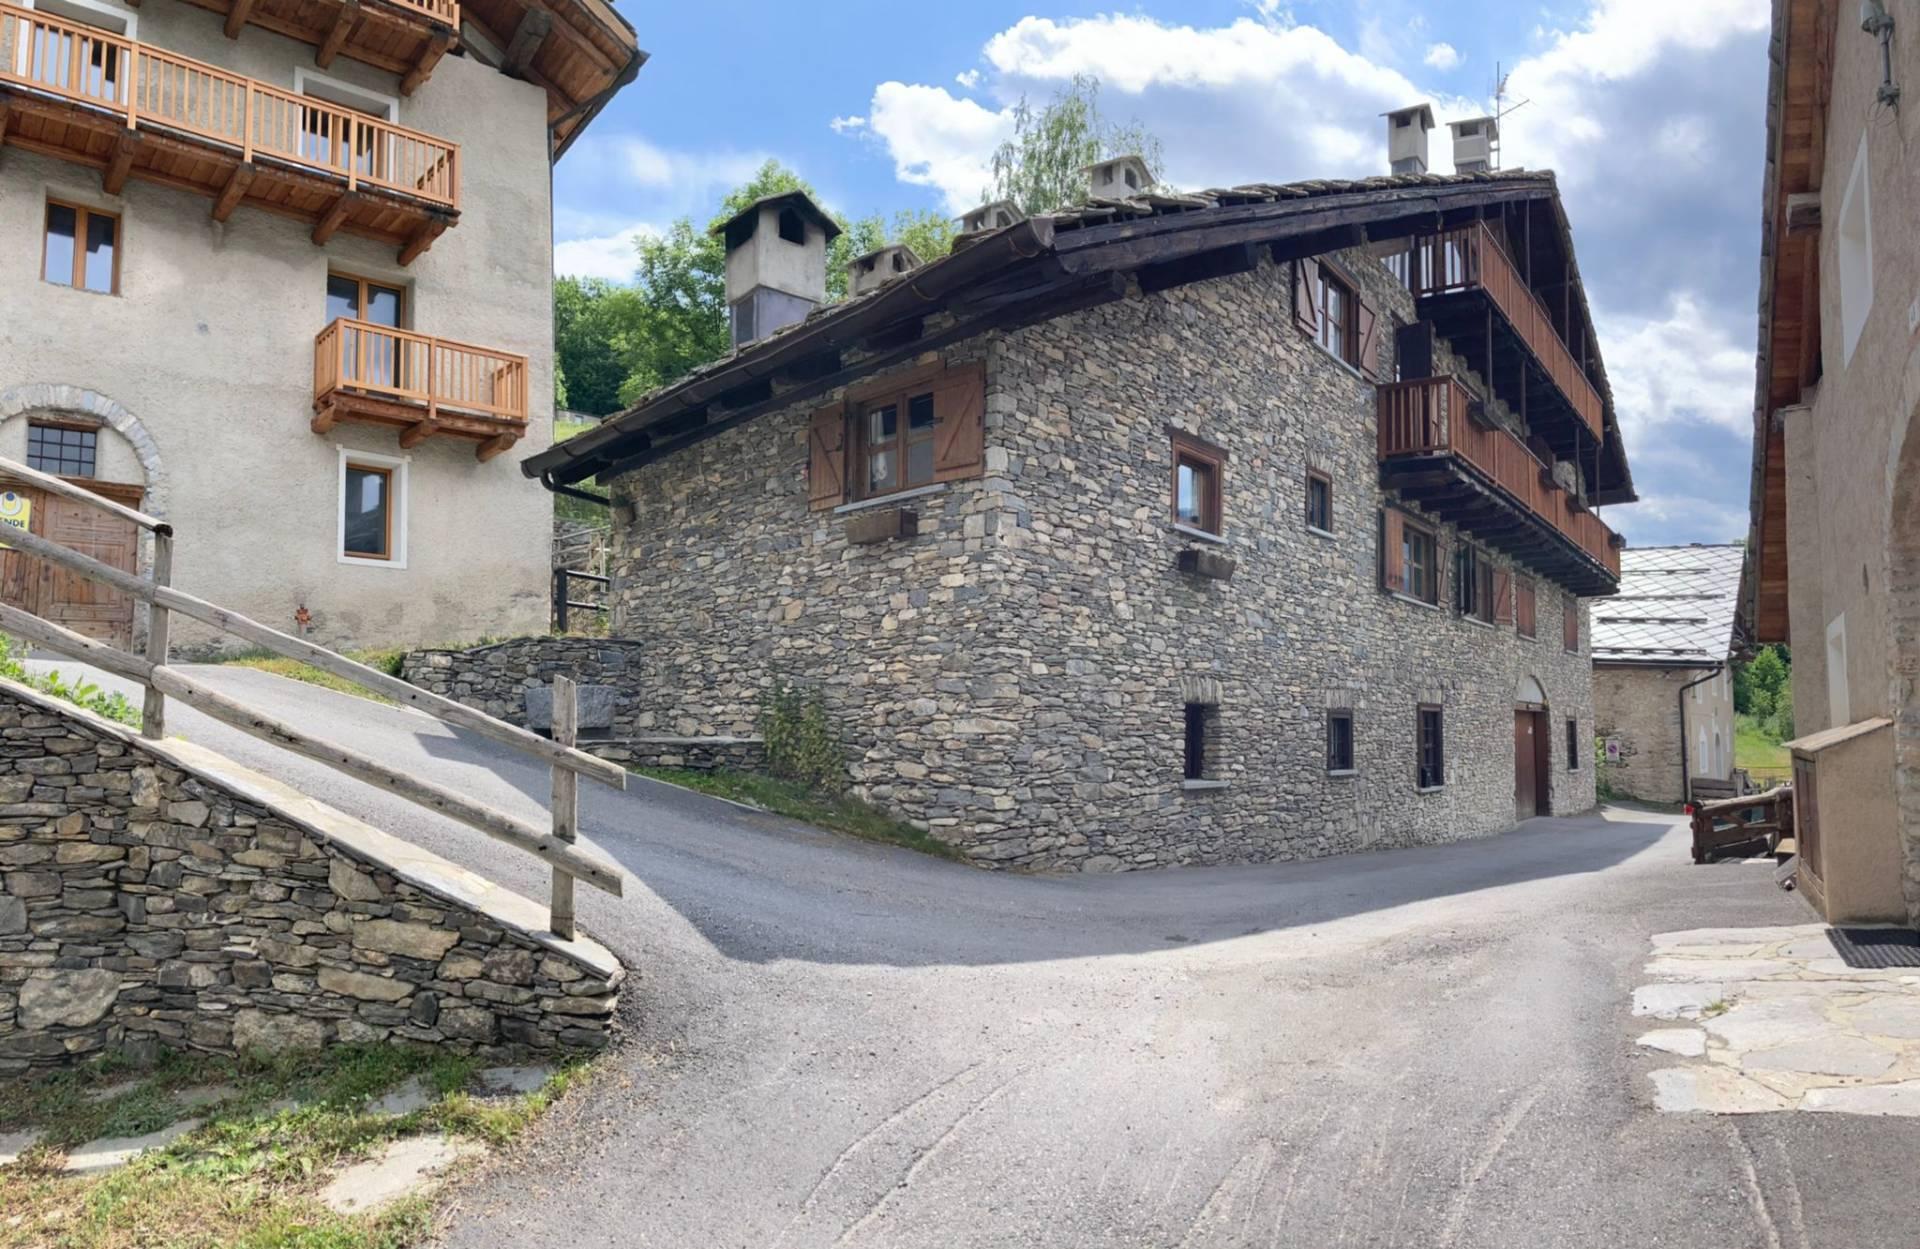 Appartamento in vendita a Bardonecchia, 3 locali, zona Località: Bardonecchia, prezzo € 198.000   CambioCasa.it